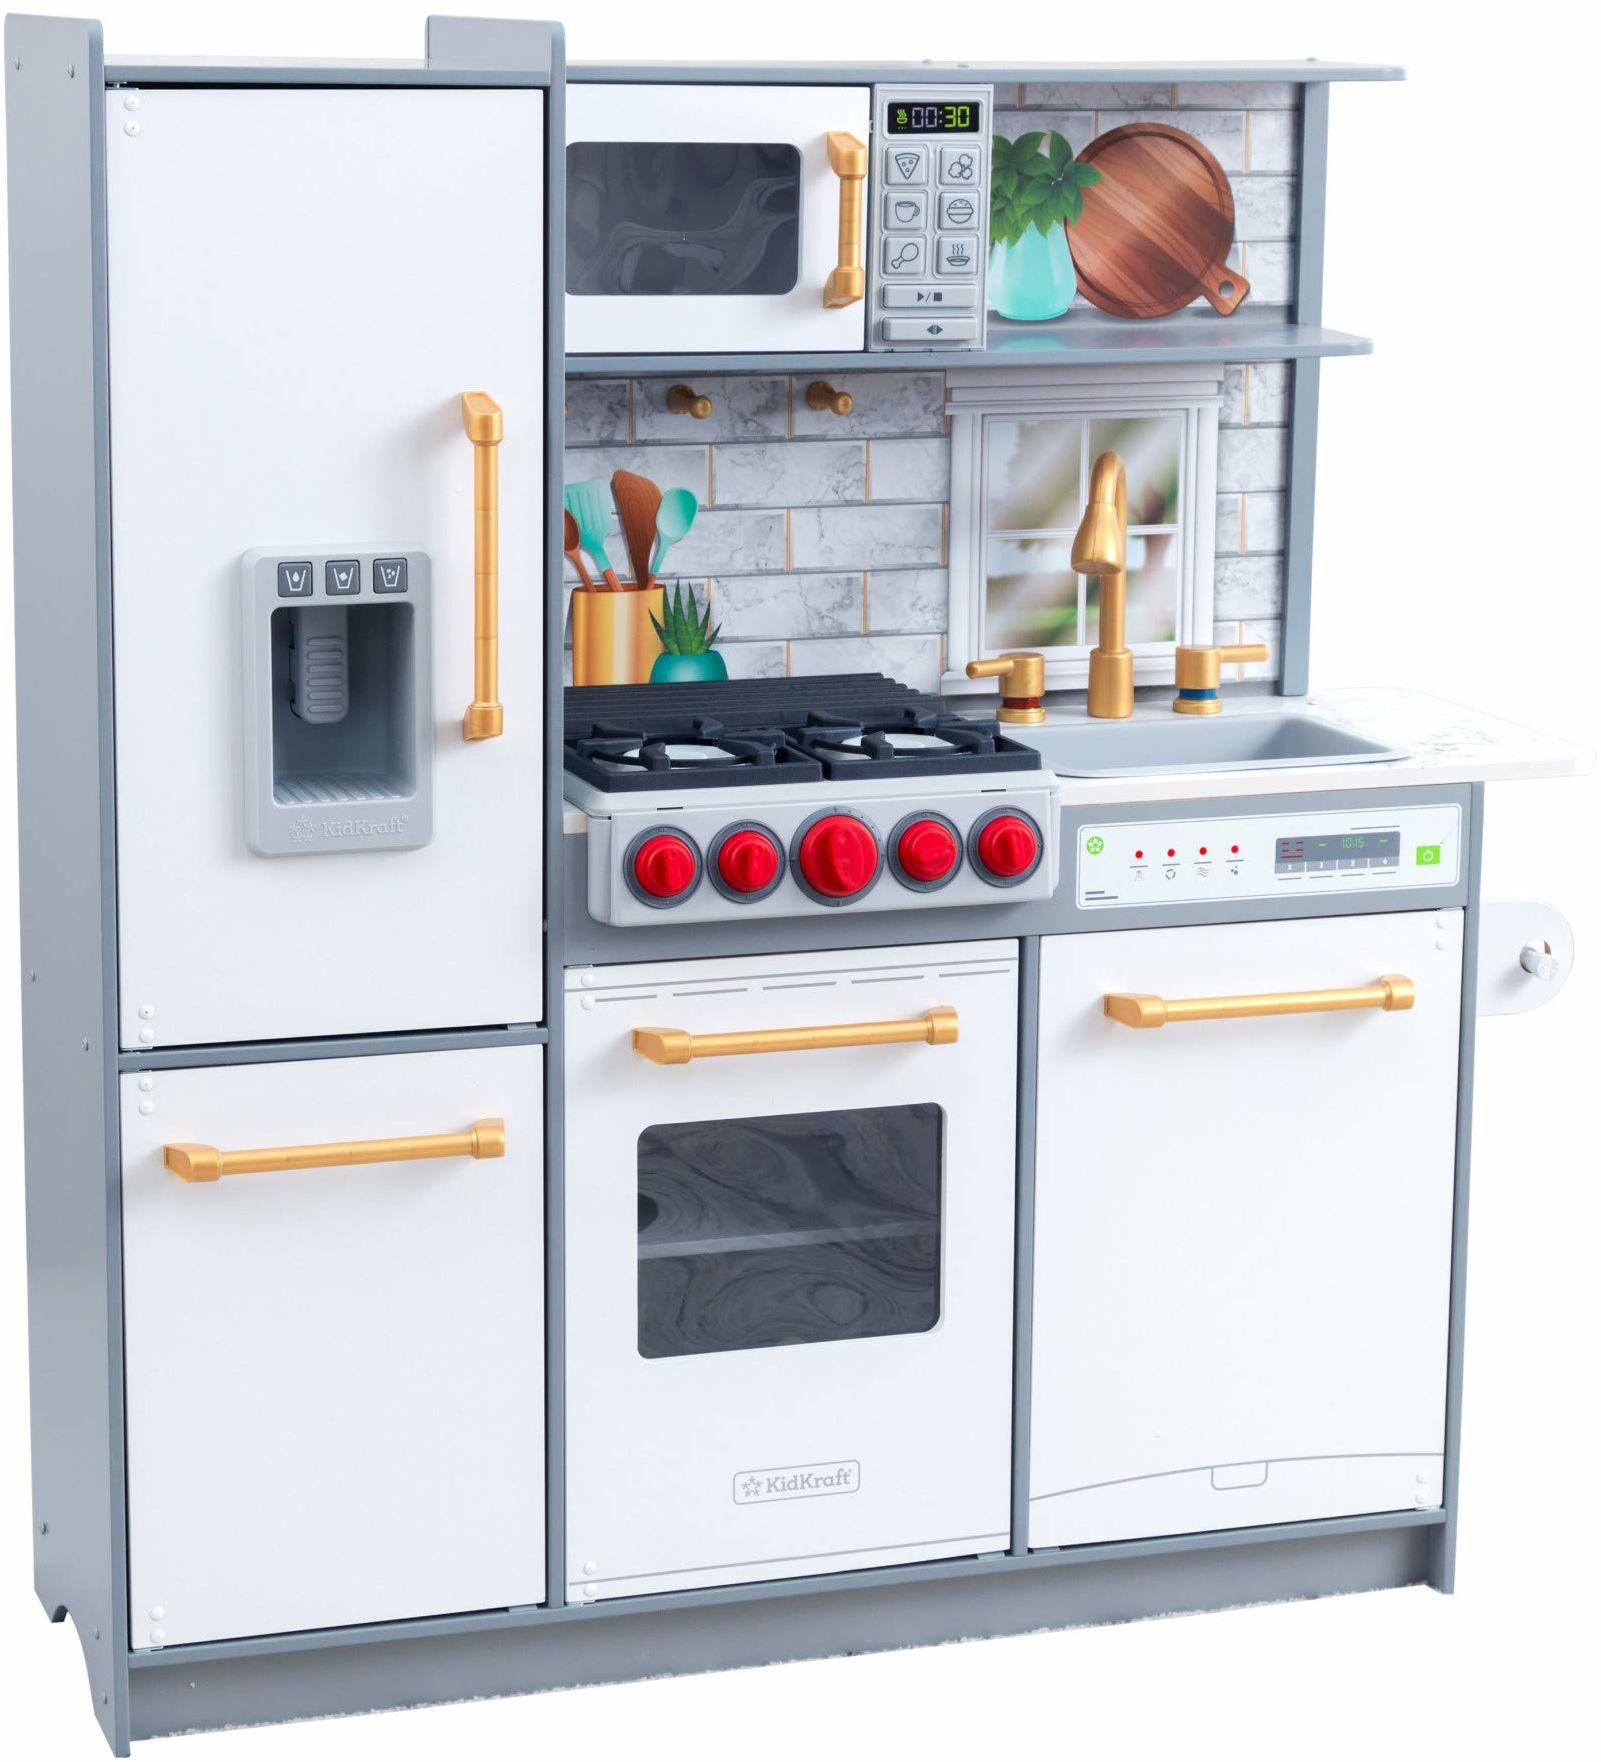 KidKraft 53437 Uptown Elite drewniana kuchnia dla dzieci z 3 trybami zabawy i funkcjonalnymi funkcjami kuchni do zabawy